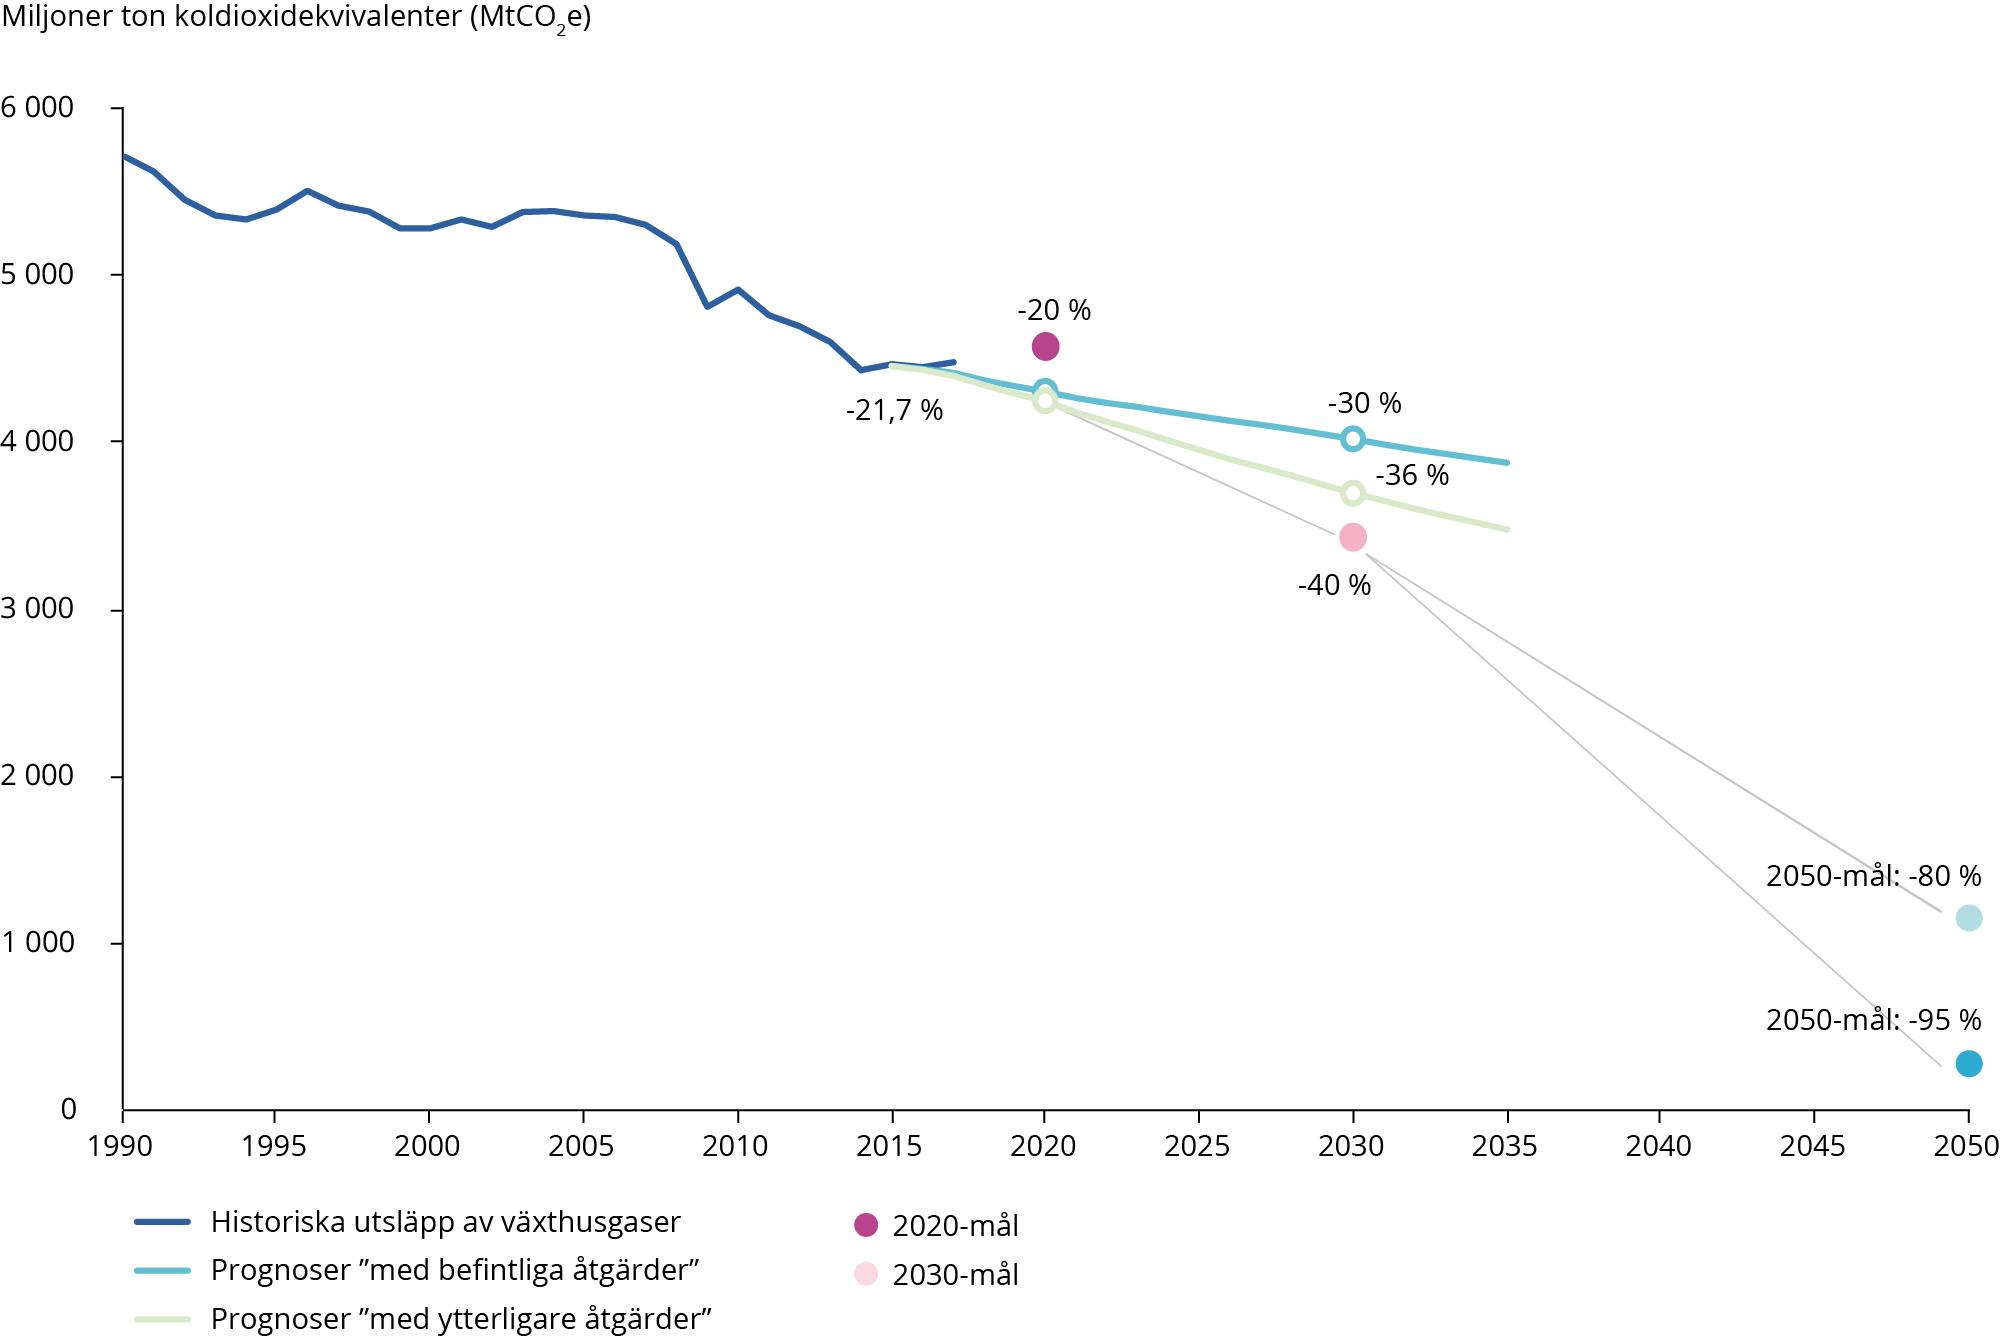 Växthusgasutsläpp, trender och prognoser i EU-28, 1990–2050